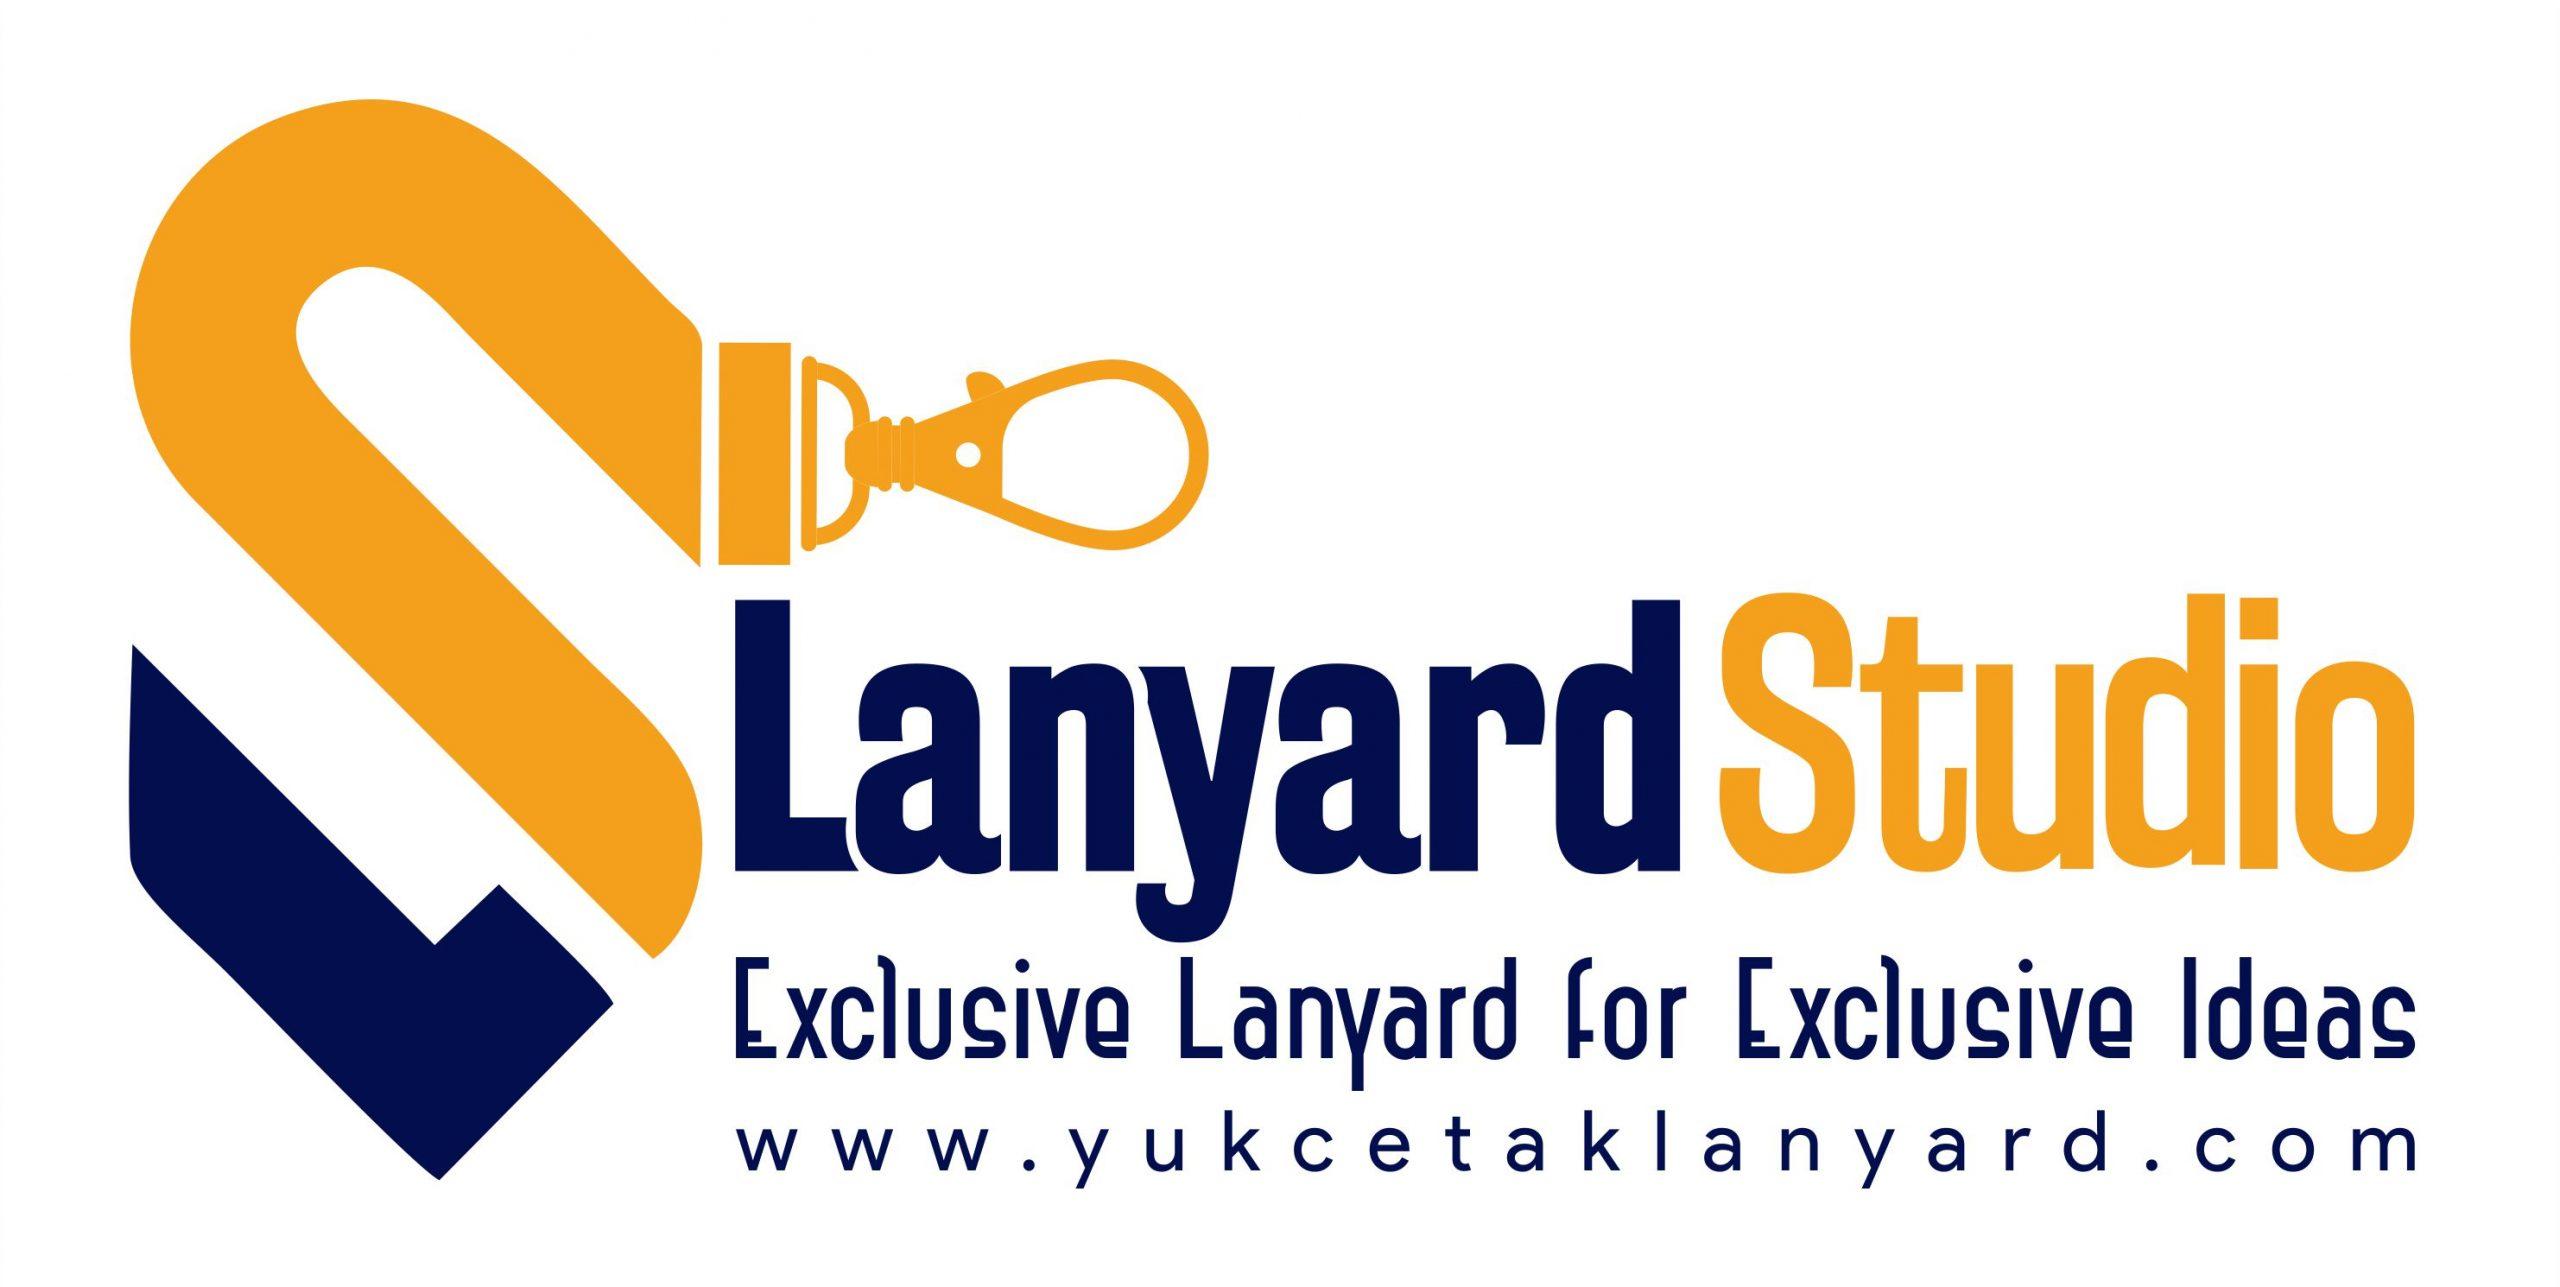 Pabrik Tali ID Card Lanyard Sablon & Printing Murah, Cepat, dan Bergaransi No.1 di Indonesia